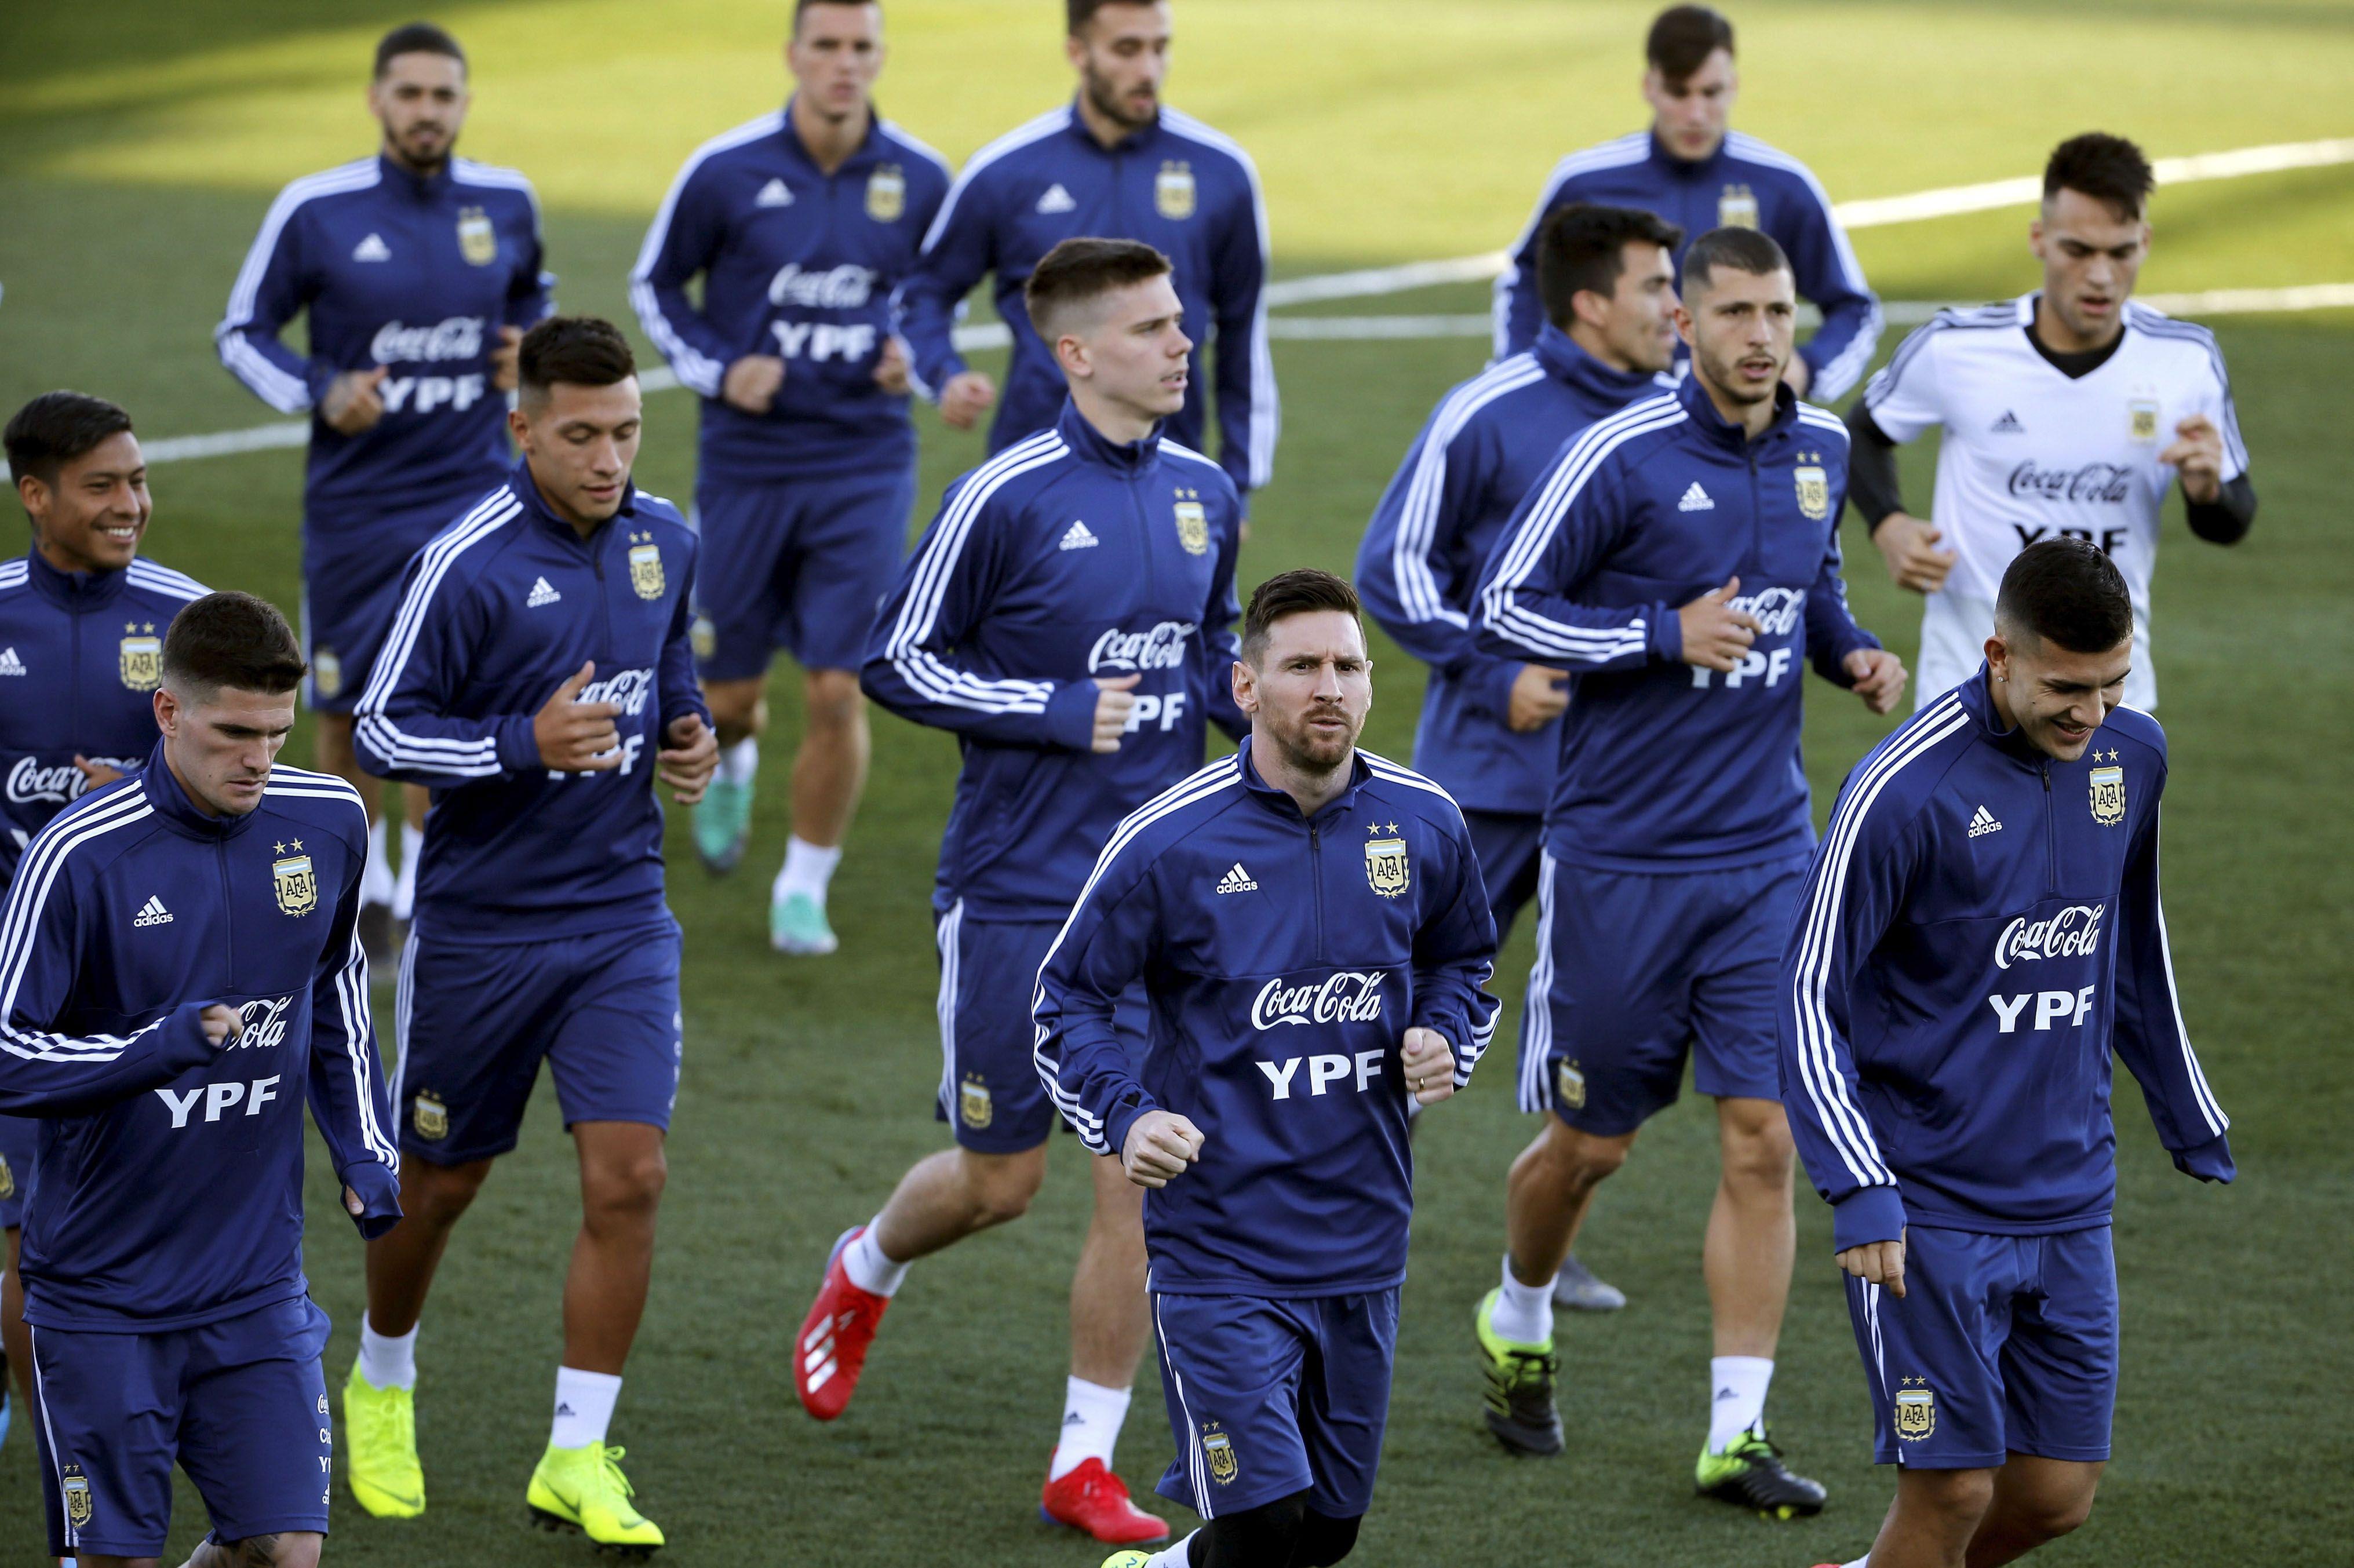 Scaloni confirmó el equipo: estos son los jugadores que acompañarán a Messi en su regreso a la Selección